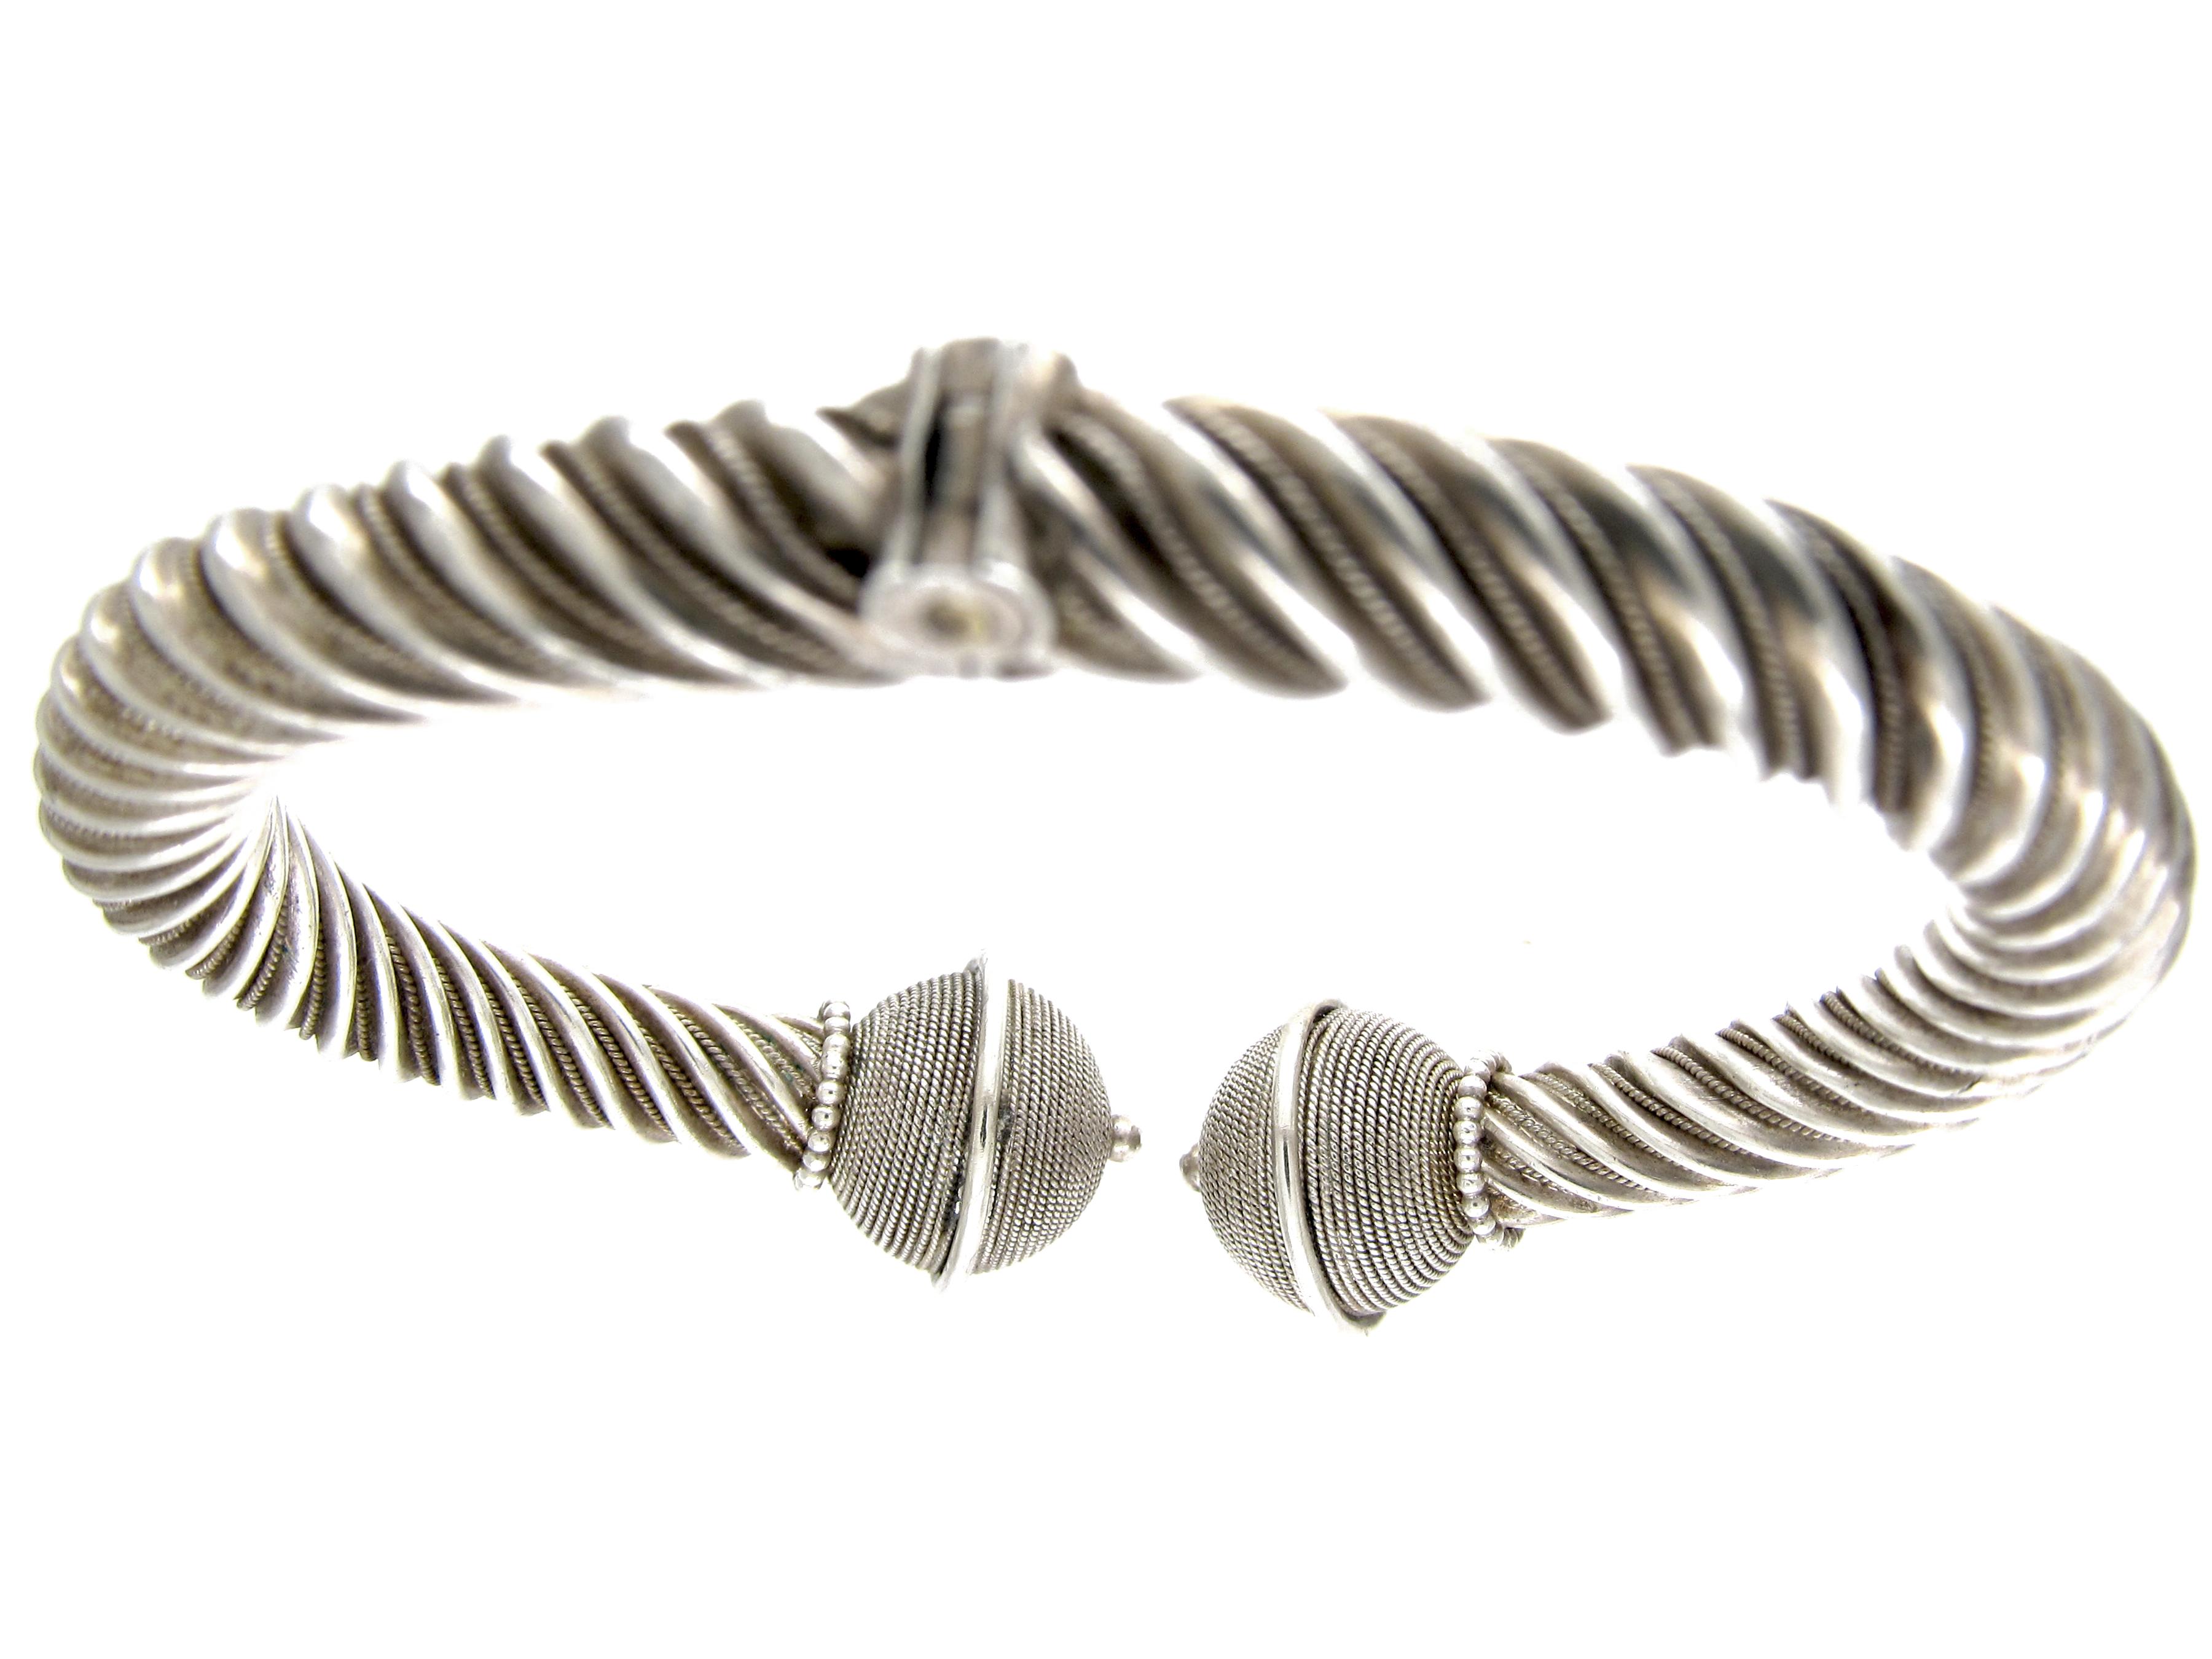 Silver Victorian Twist Bangle